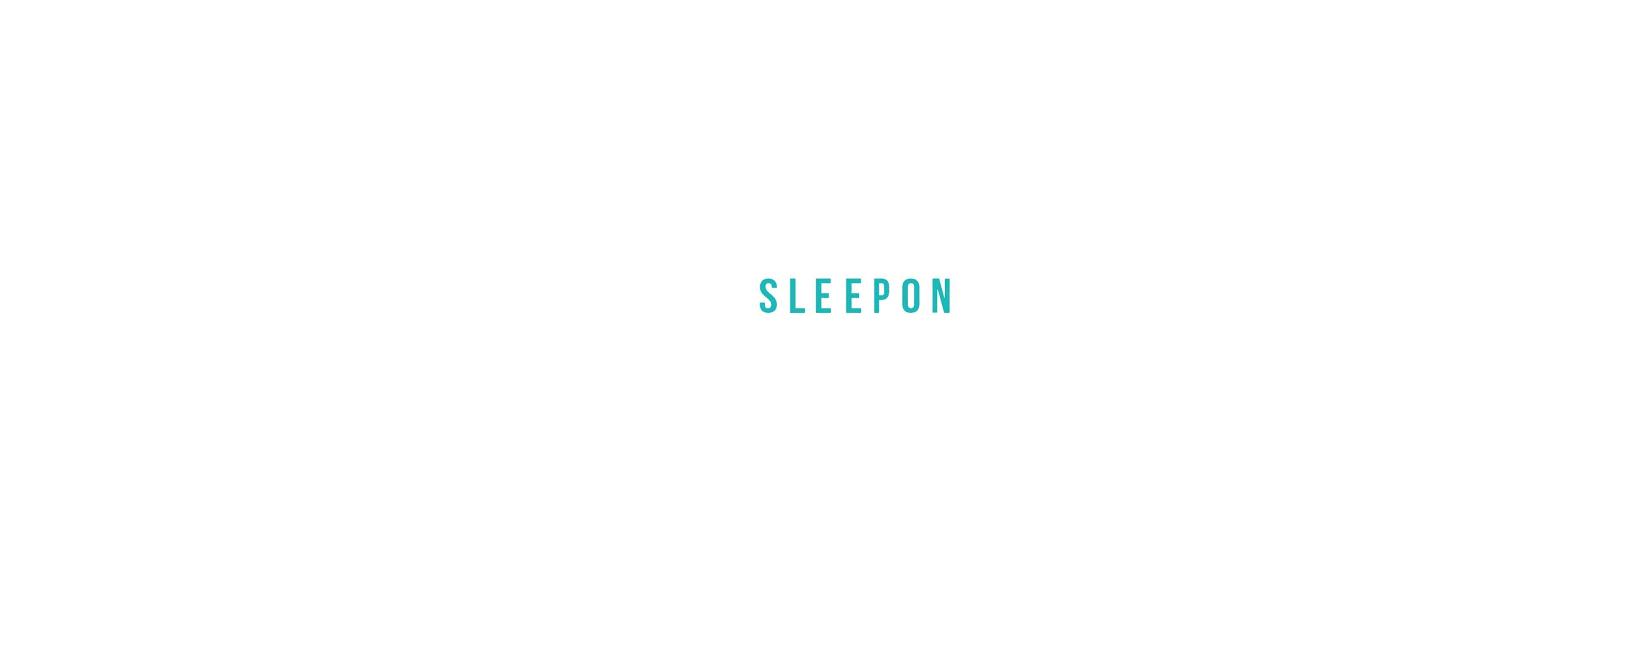 Sleepon Discount Code 2021